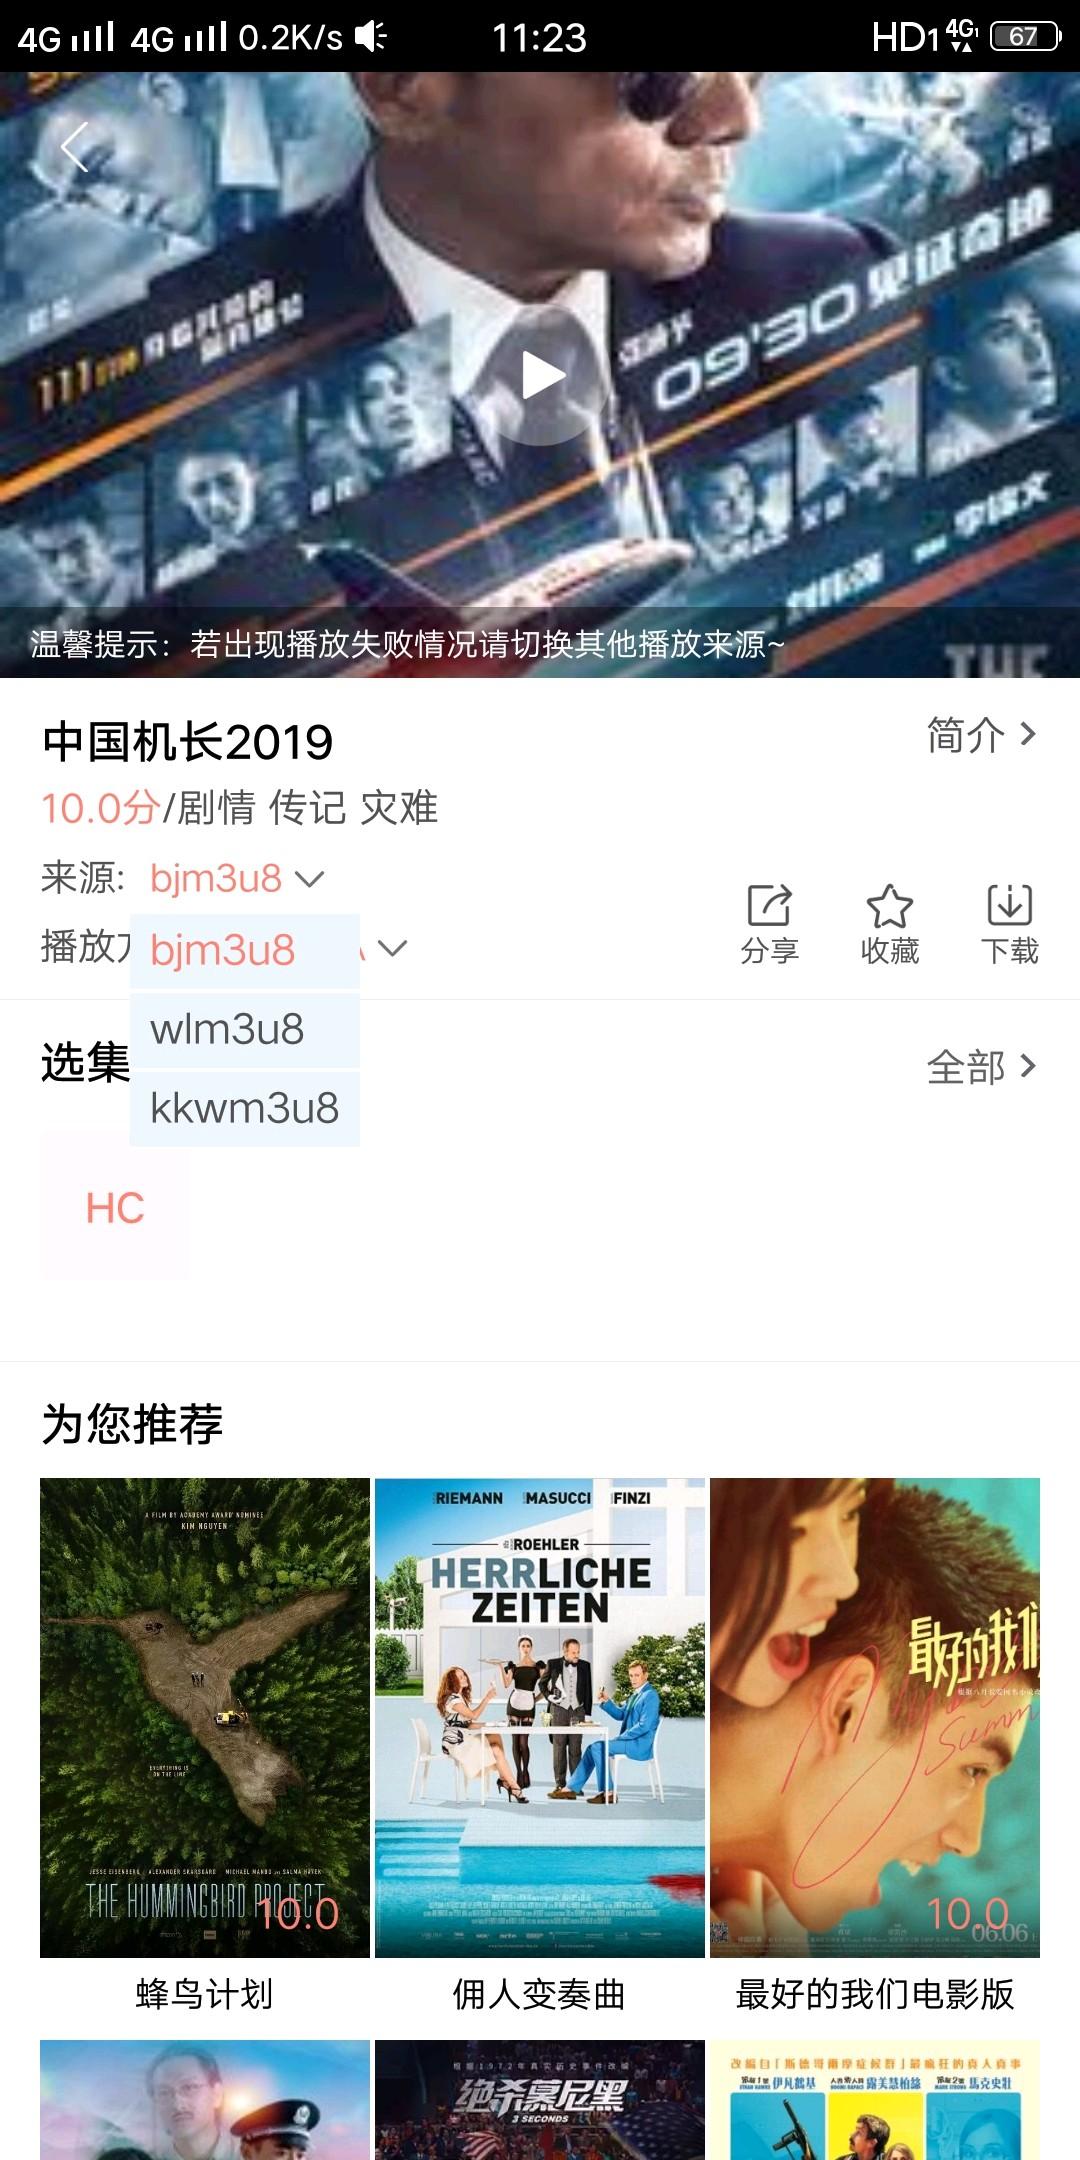 Screenshot_20191011_112346.jpg